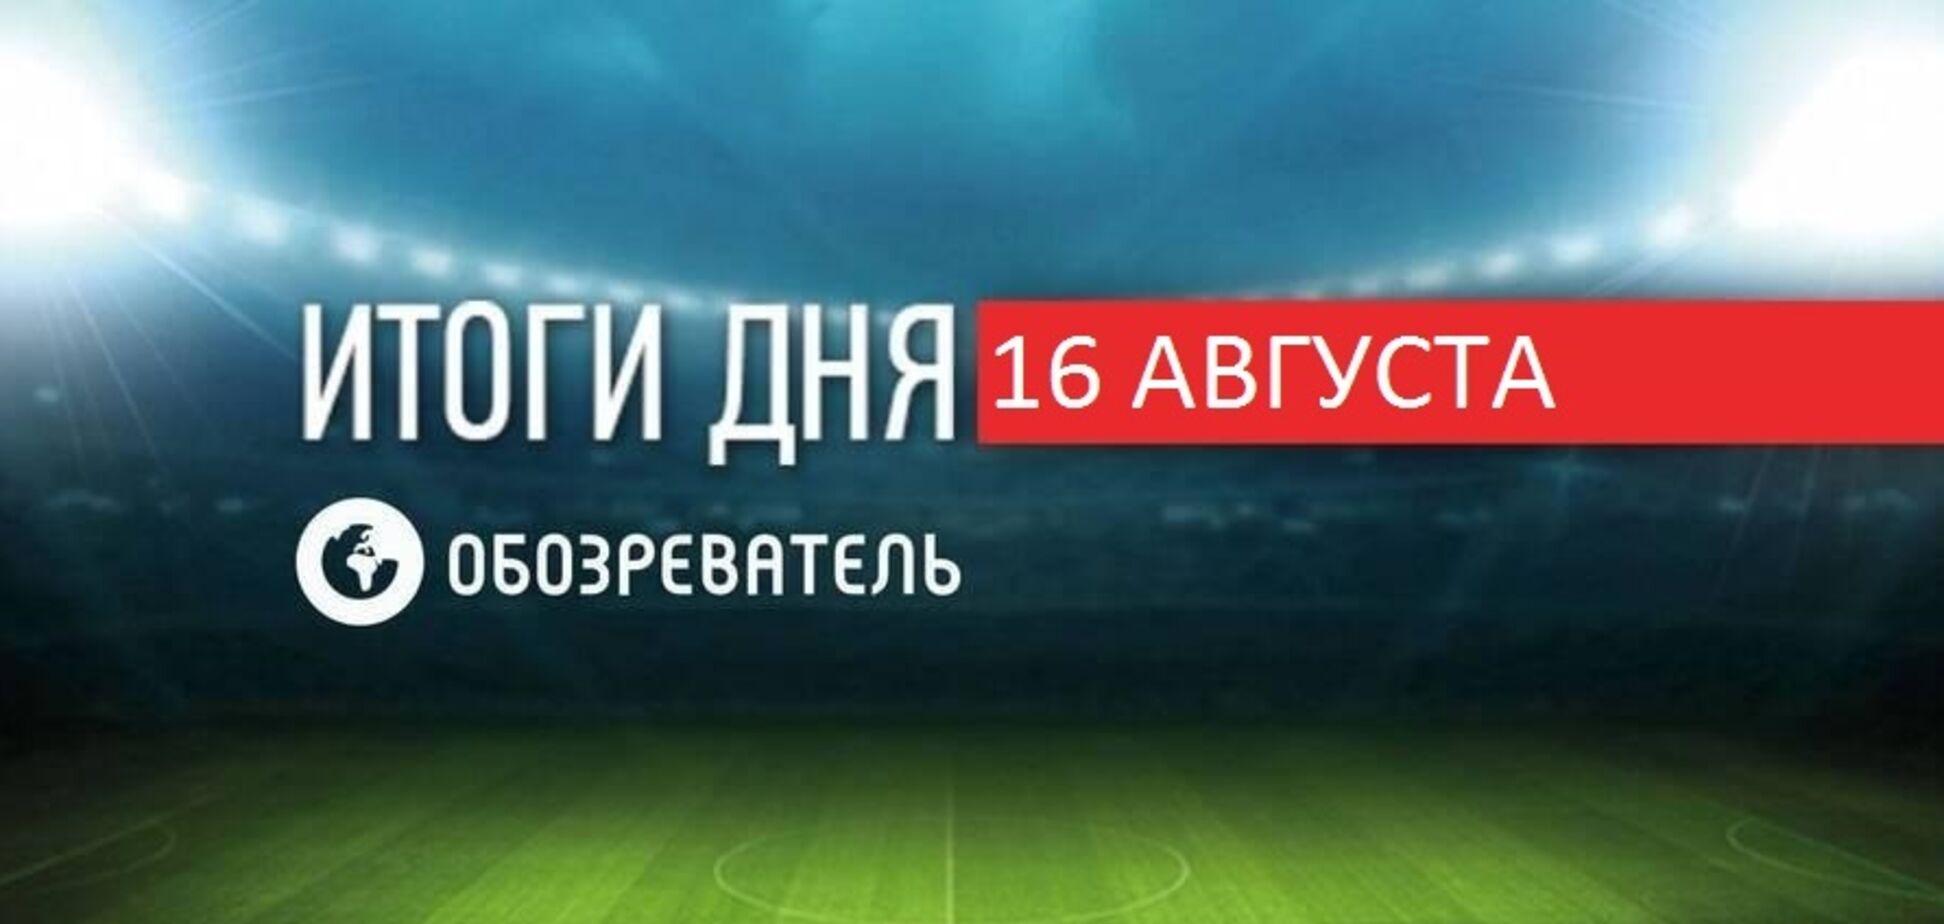 Комментатор во время матча ЛЧ заговорил о протестах в Беларуси: итоги спорта 16 августа